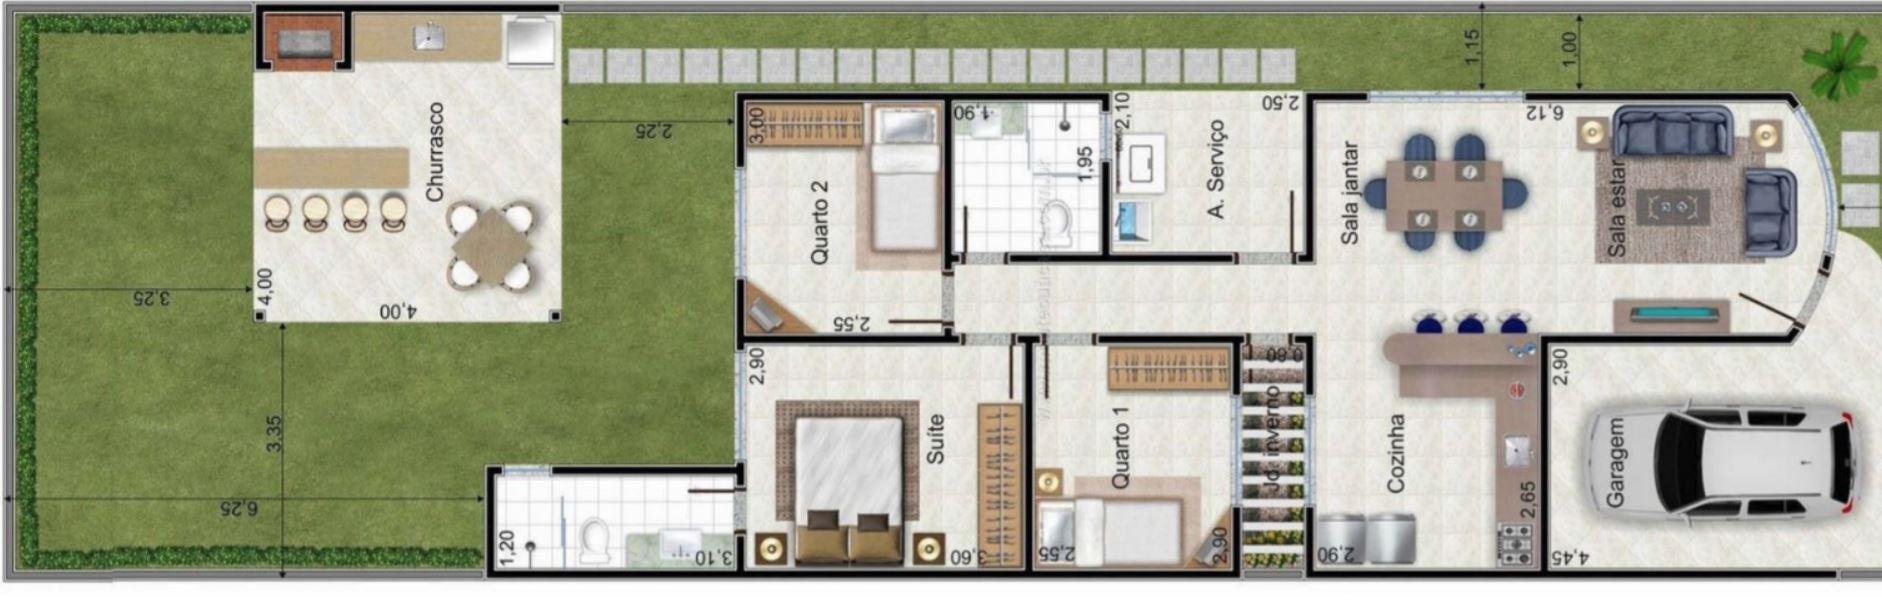 Planos y casas planos de casas plantas arquitect nicas for Modelos de casas de una sola planta